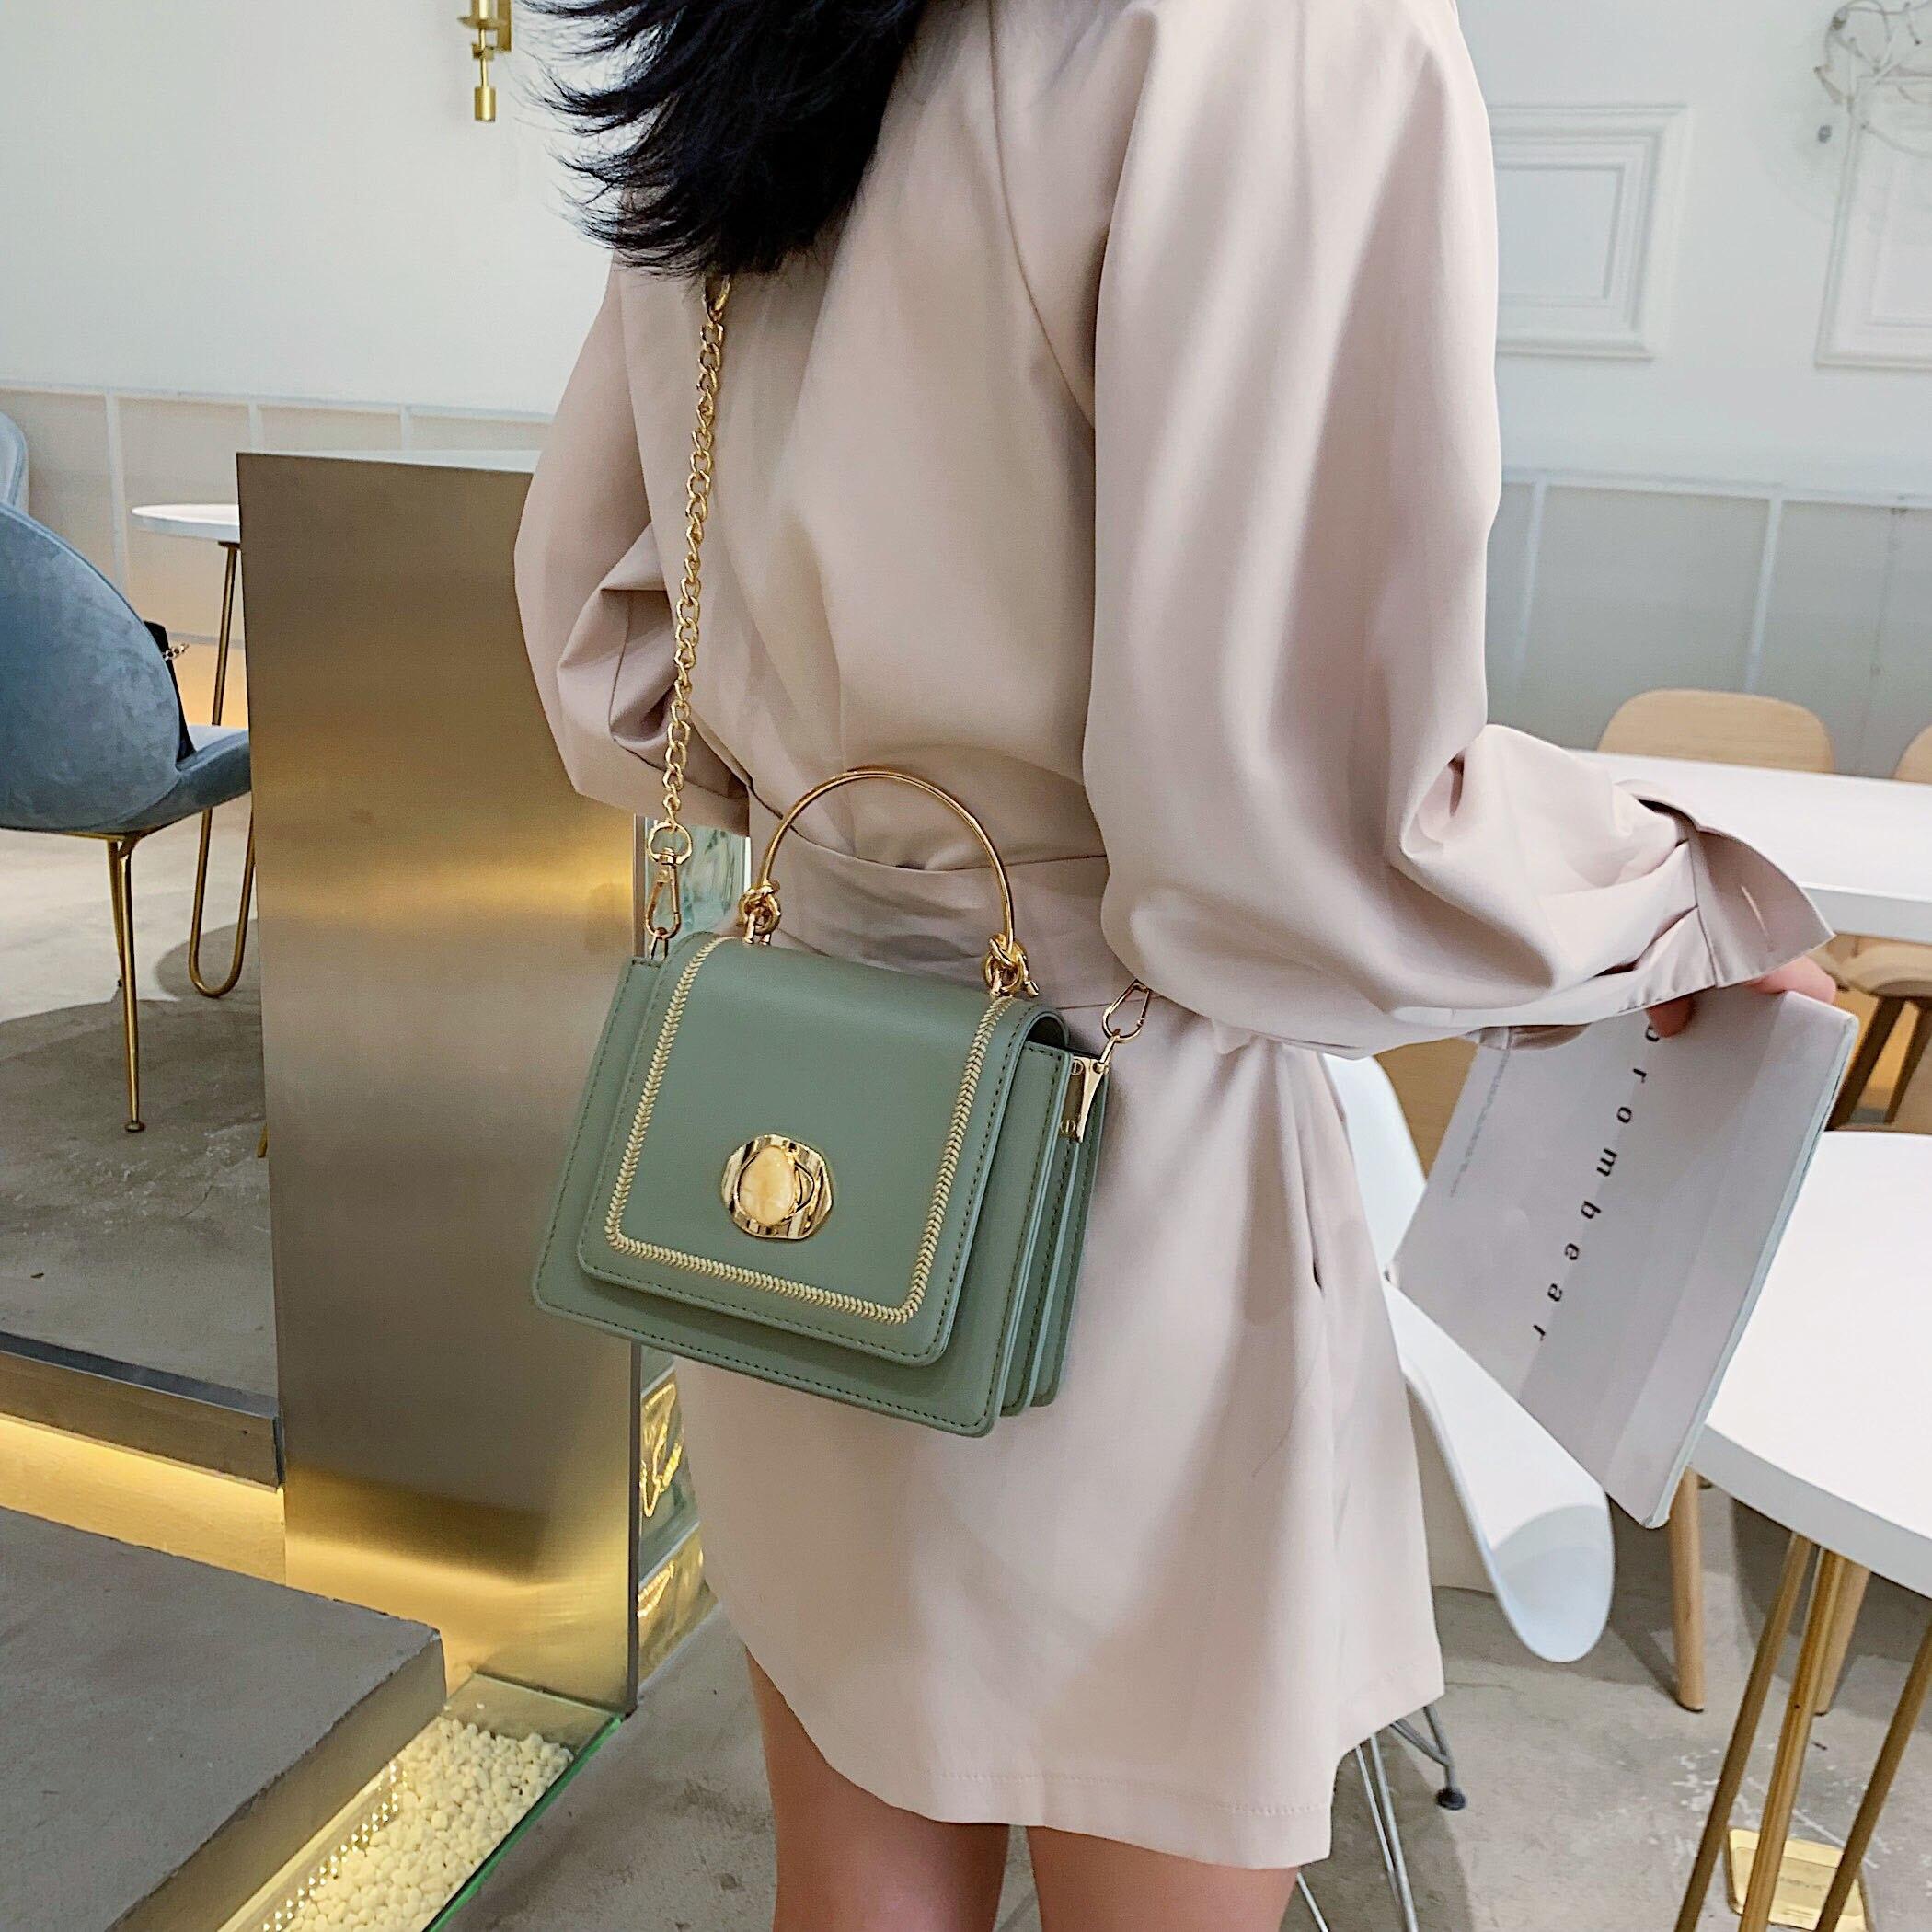 MIULINE 2020 Women Classic Crossbody Bags For Female Messenger Shoulder Bag Travel Purse Handbag Bolsas Feminina